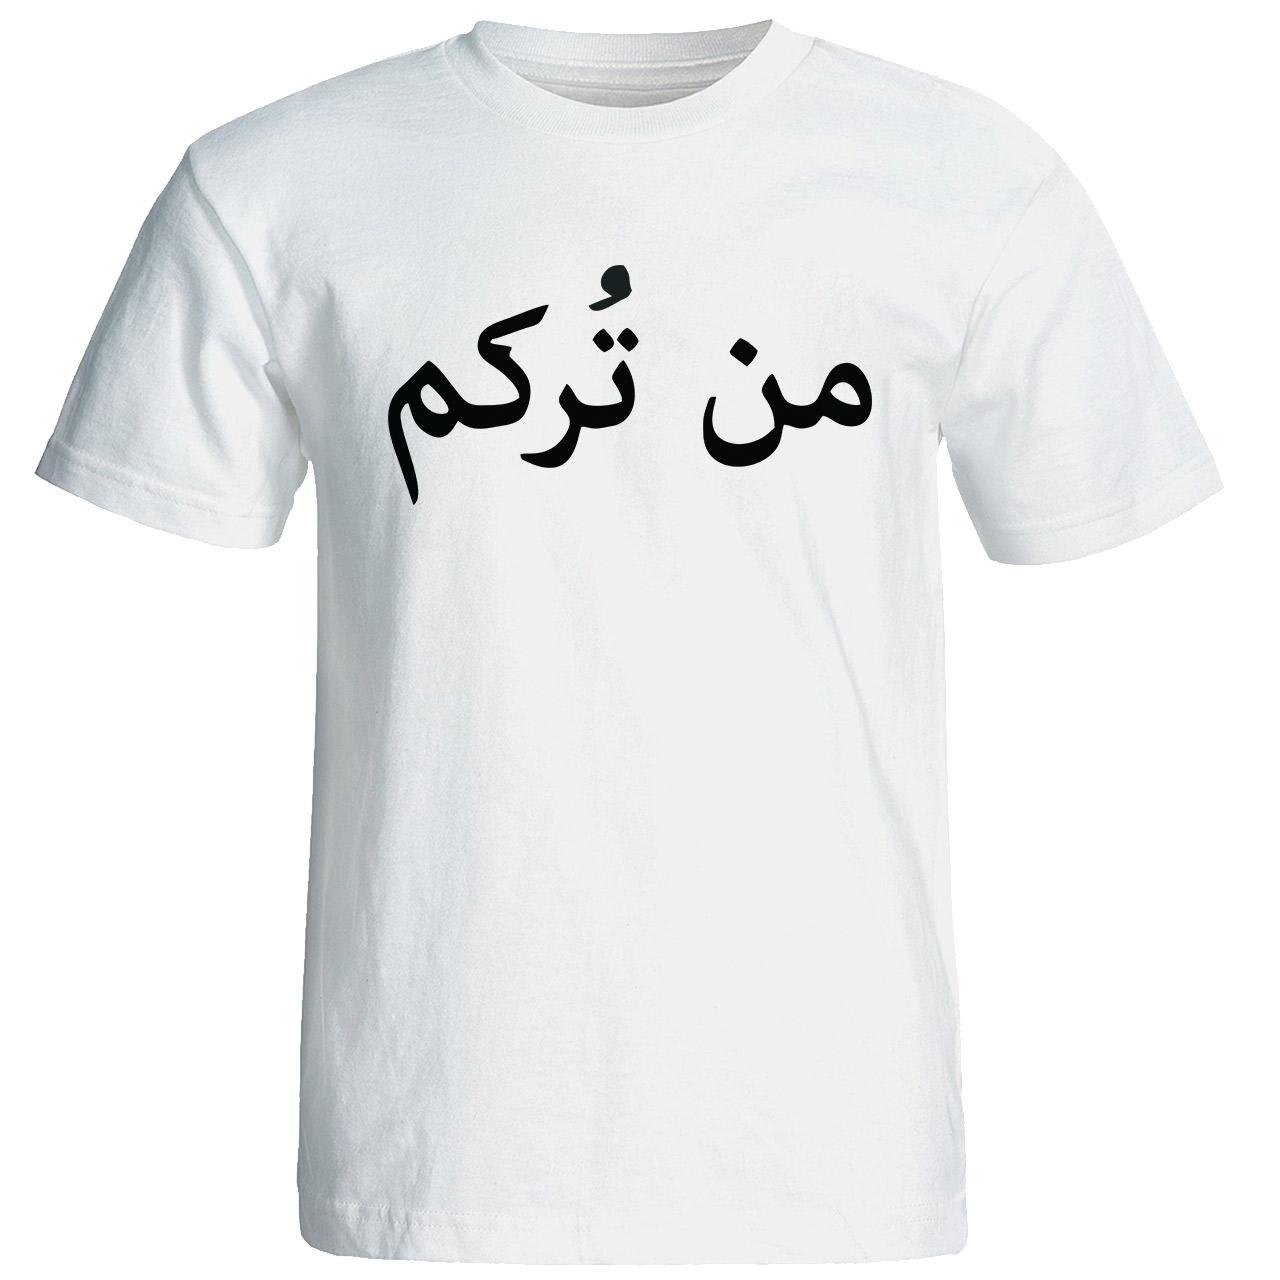 تی شرت آستین کوتاه مردانه نیکو طرح ترک کد 6745